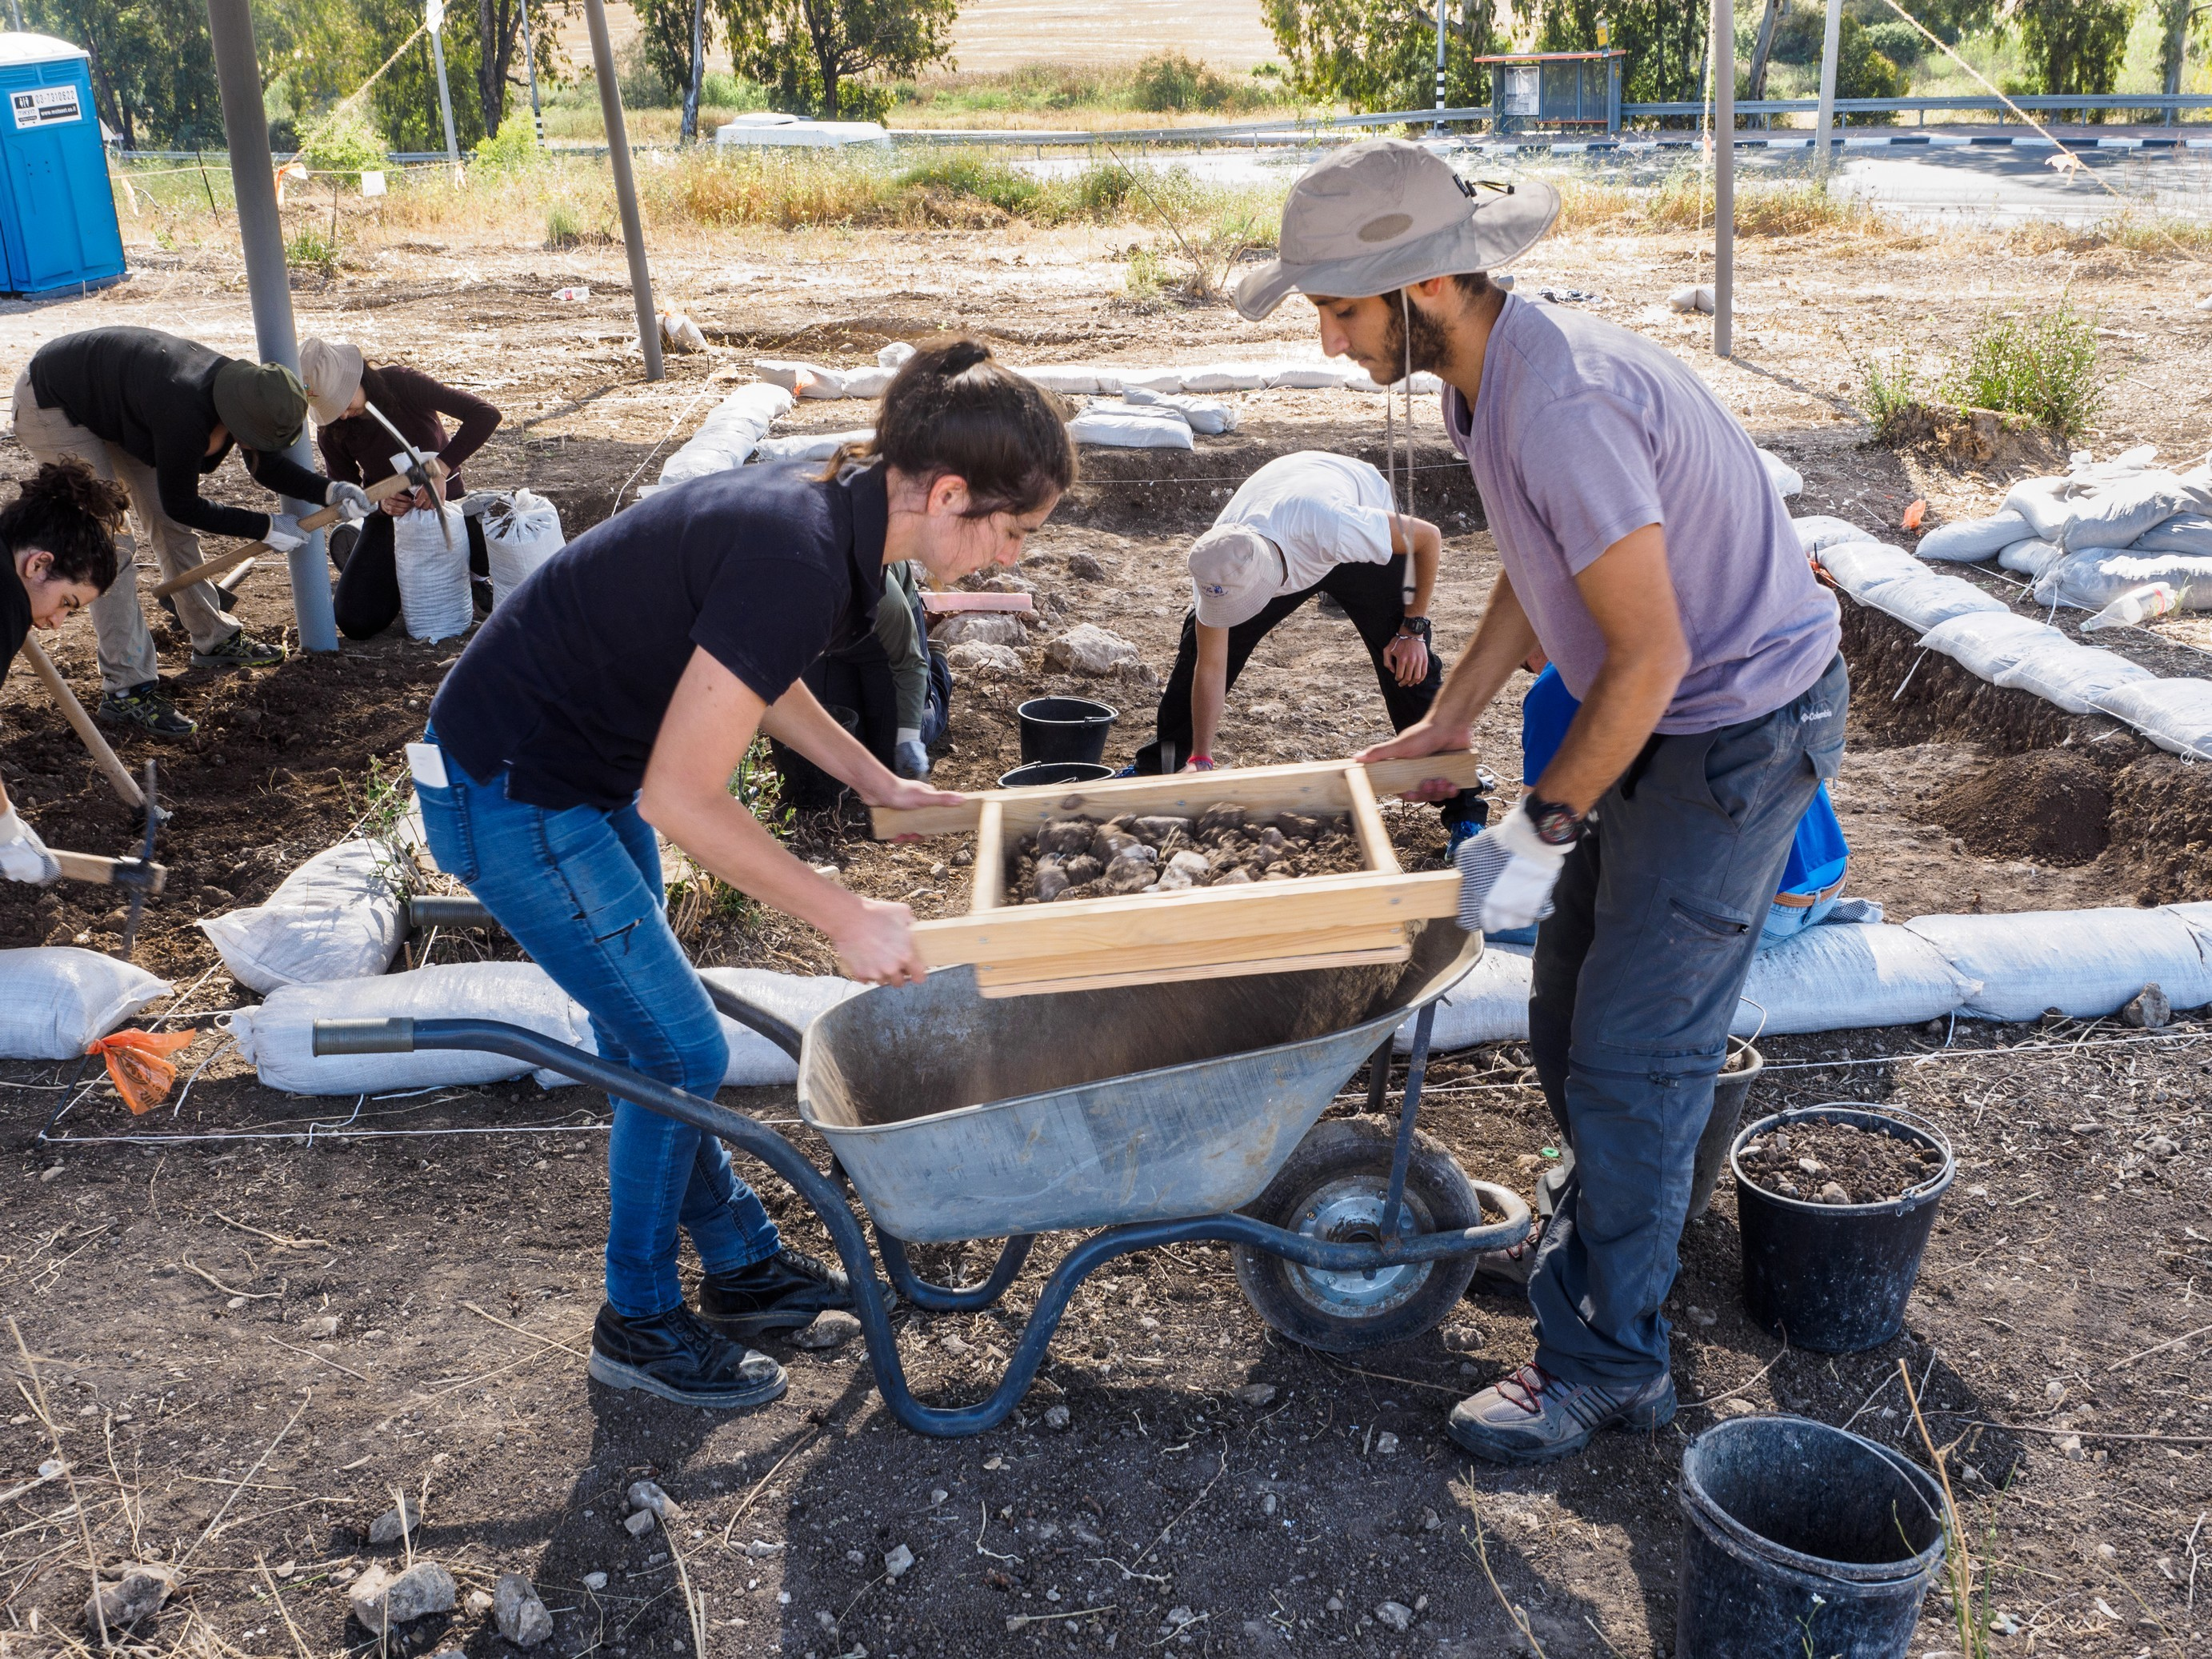 חניכי המכינה הקדם צבאית חנתון משתתפים בחפירת רשות העתיקות בכביש 38